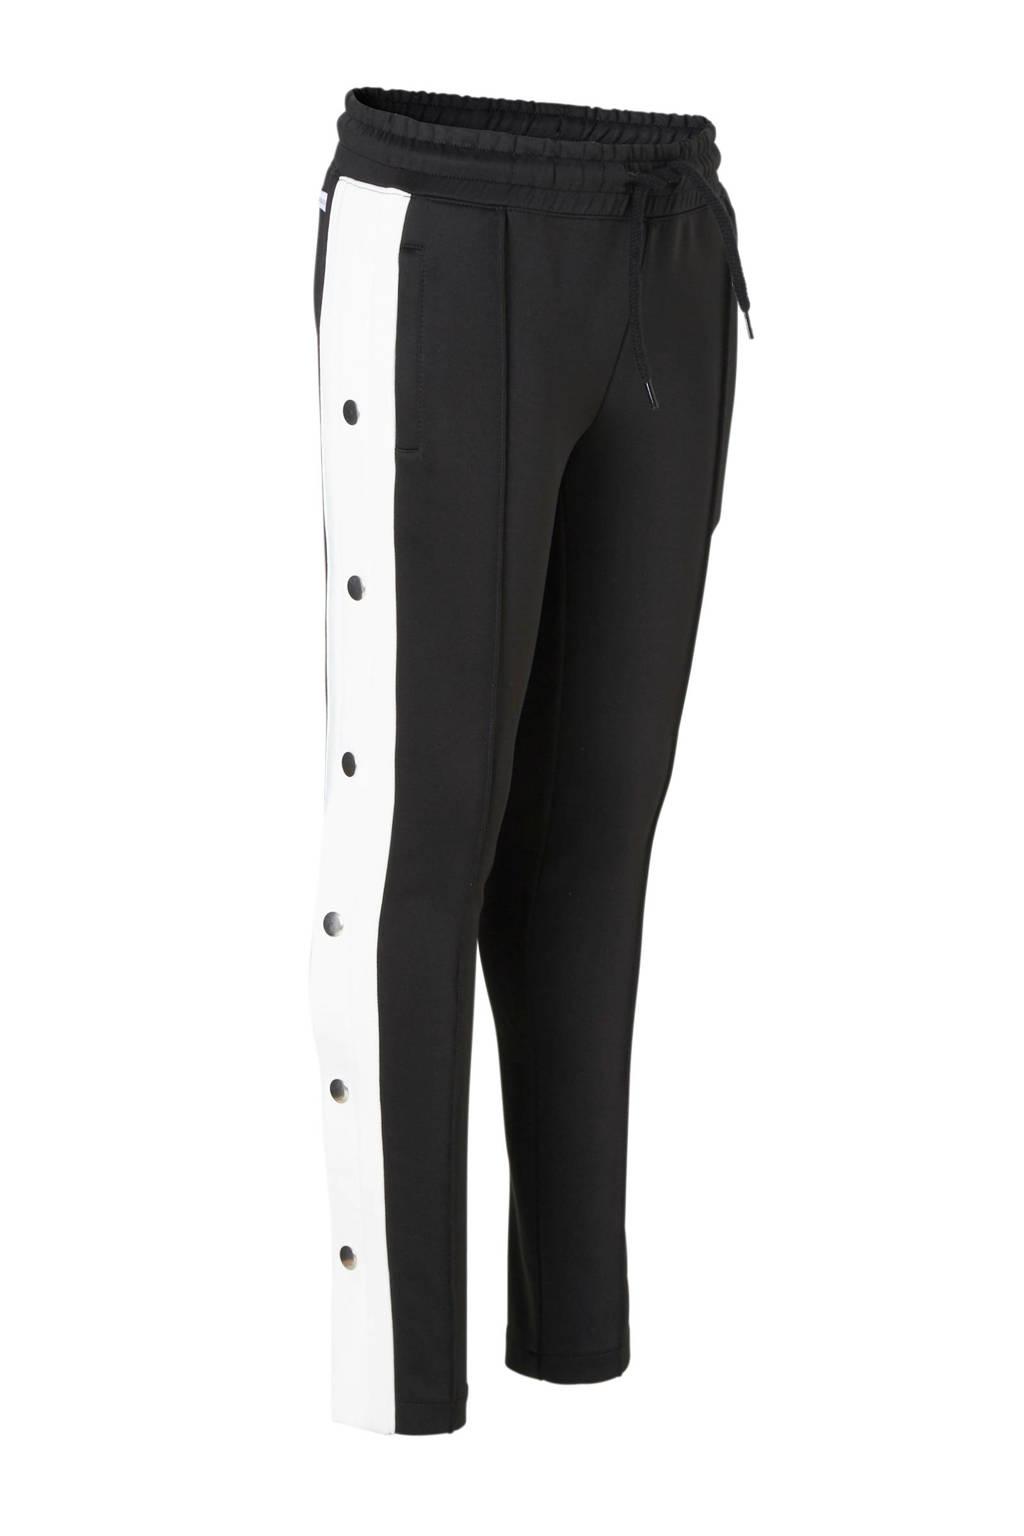 NIK&NIK sportieve broek Femi zwart, Zwart/offwhite